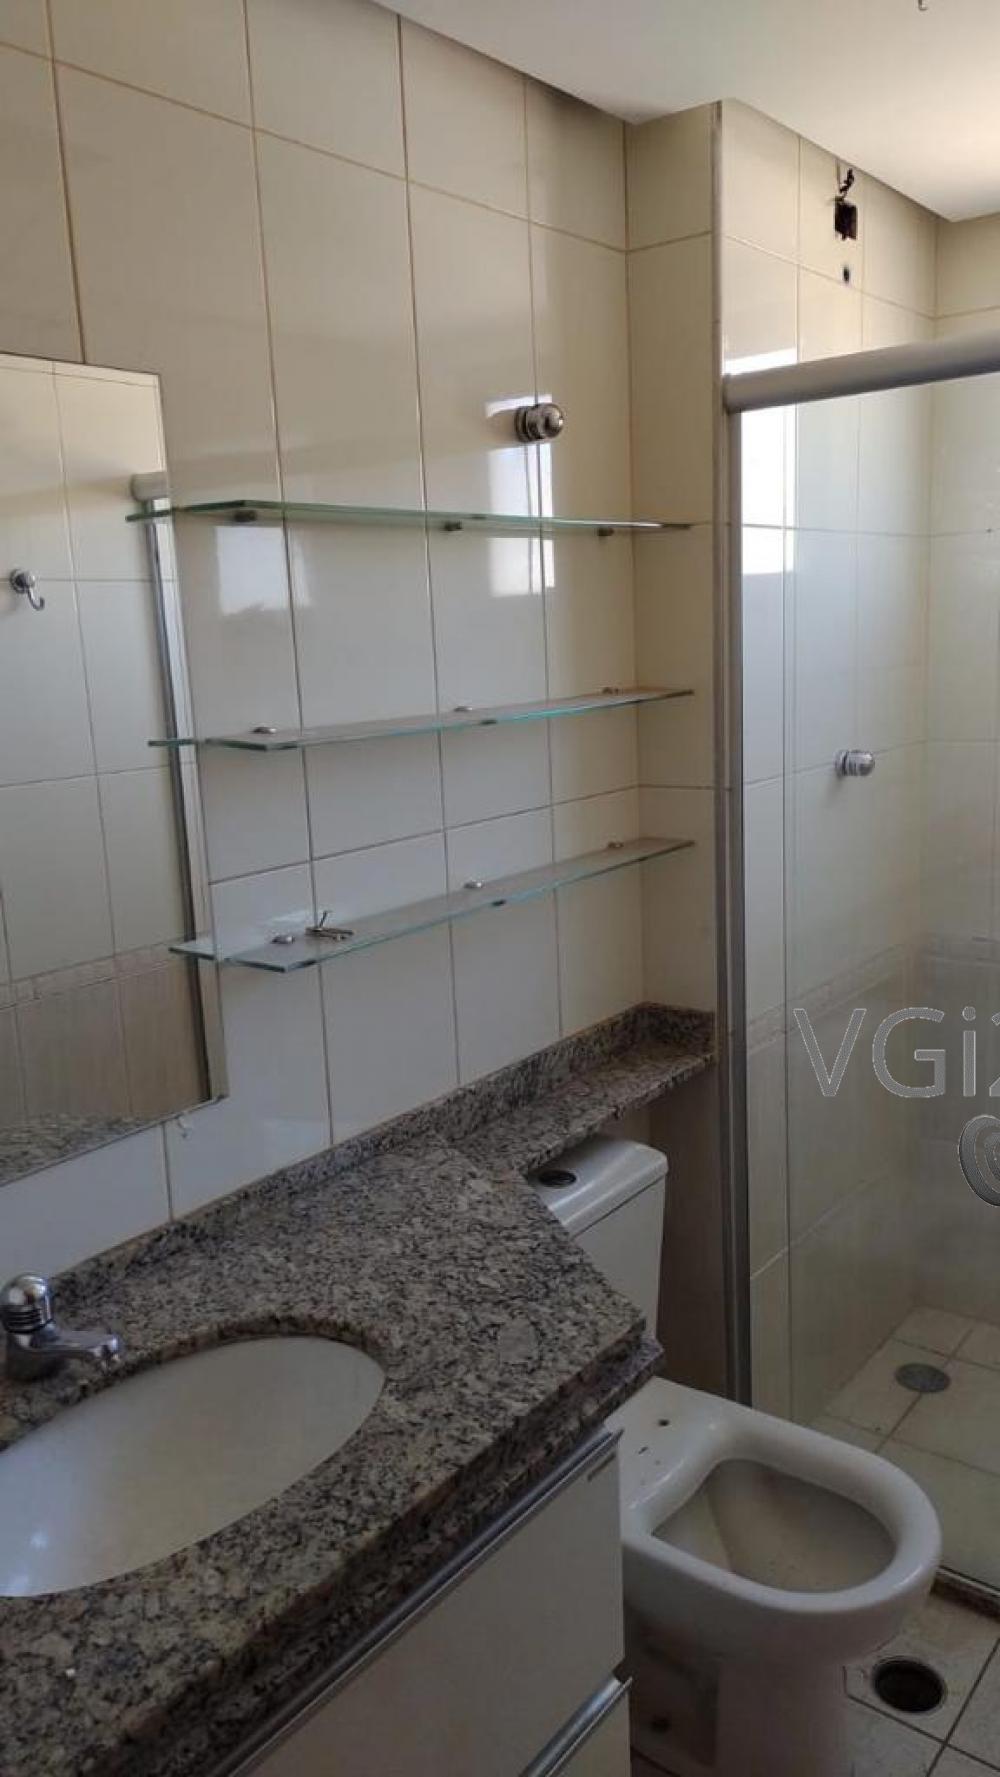 Comprar Apartamento / Padrão em Ribeirão Preto R$ 367.500,00 - Foto 20